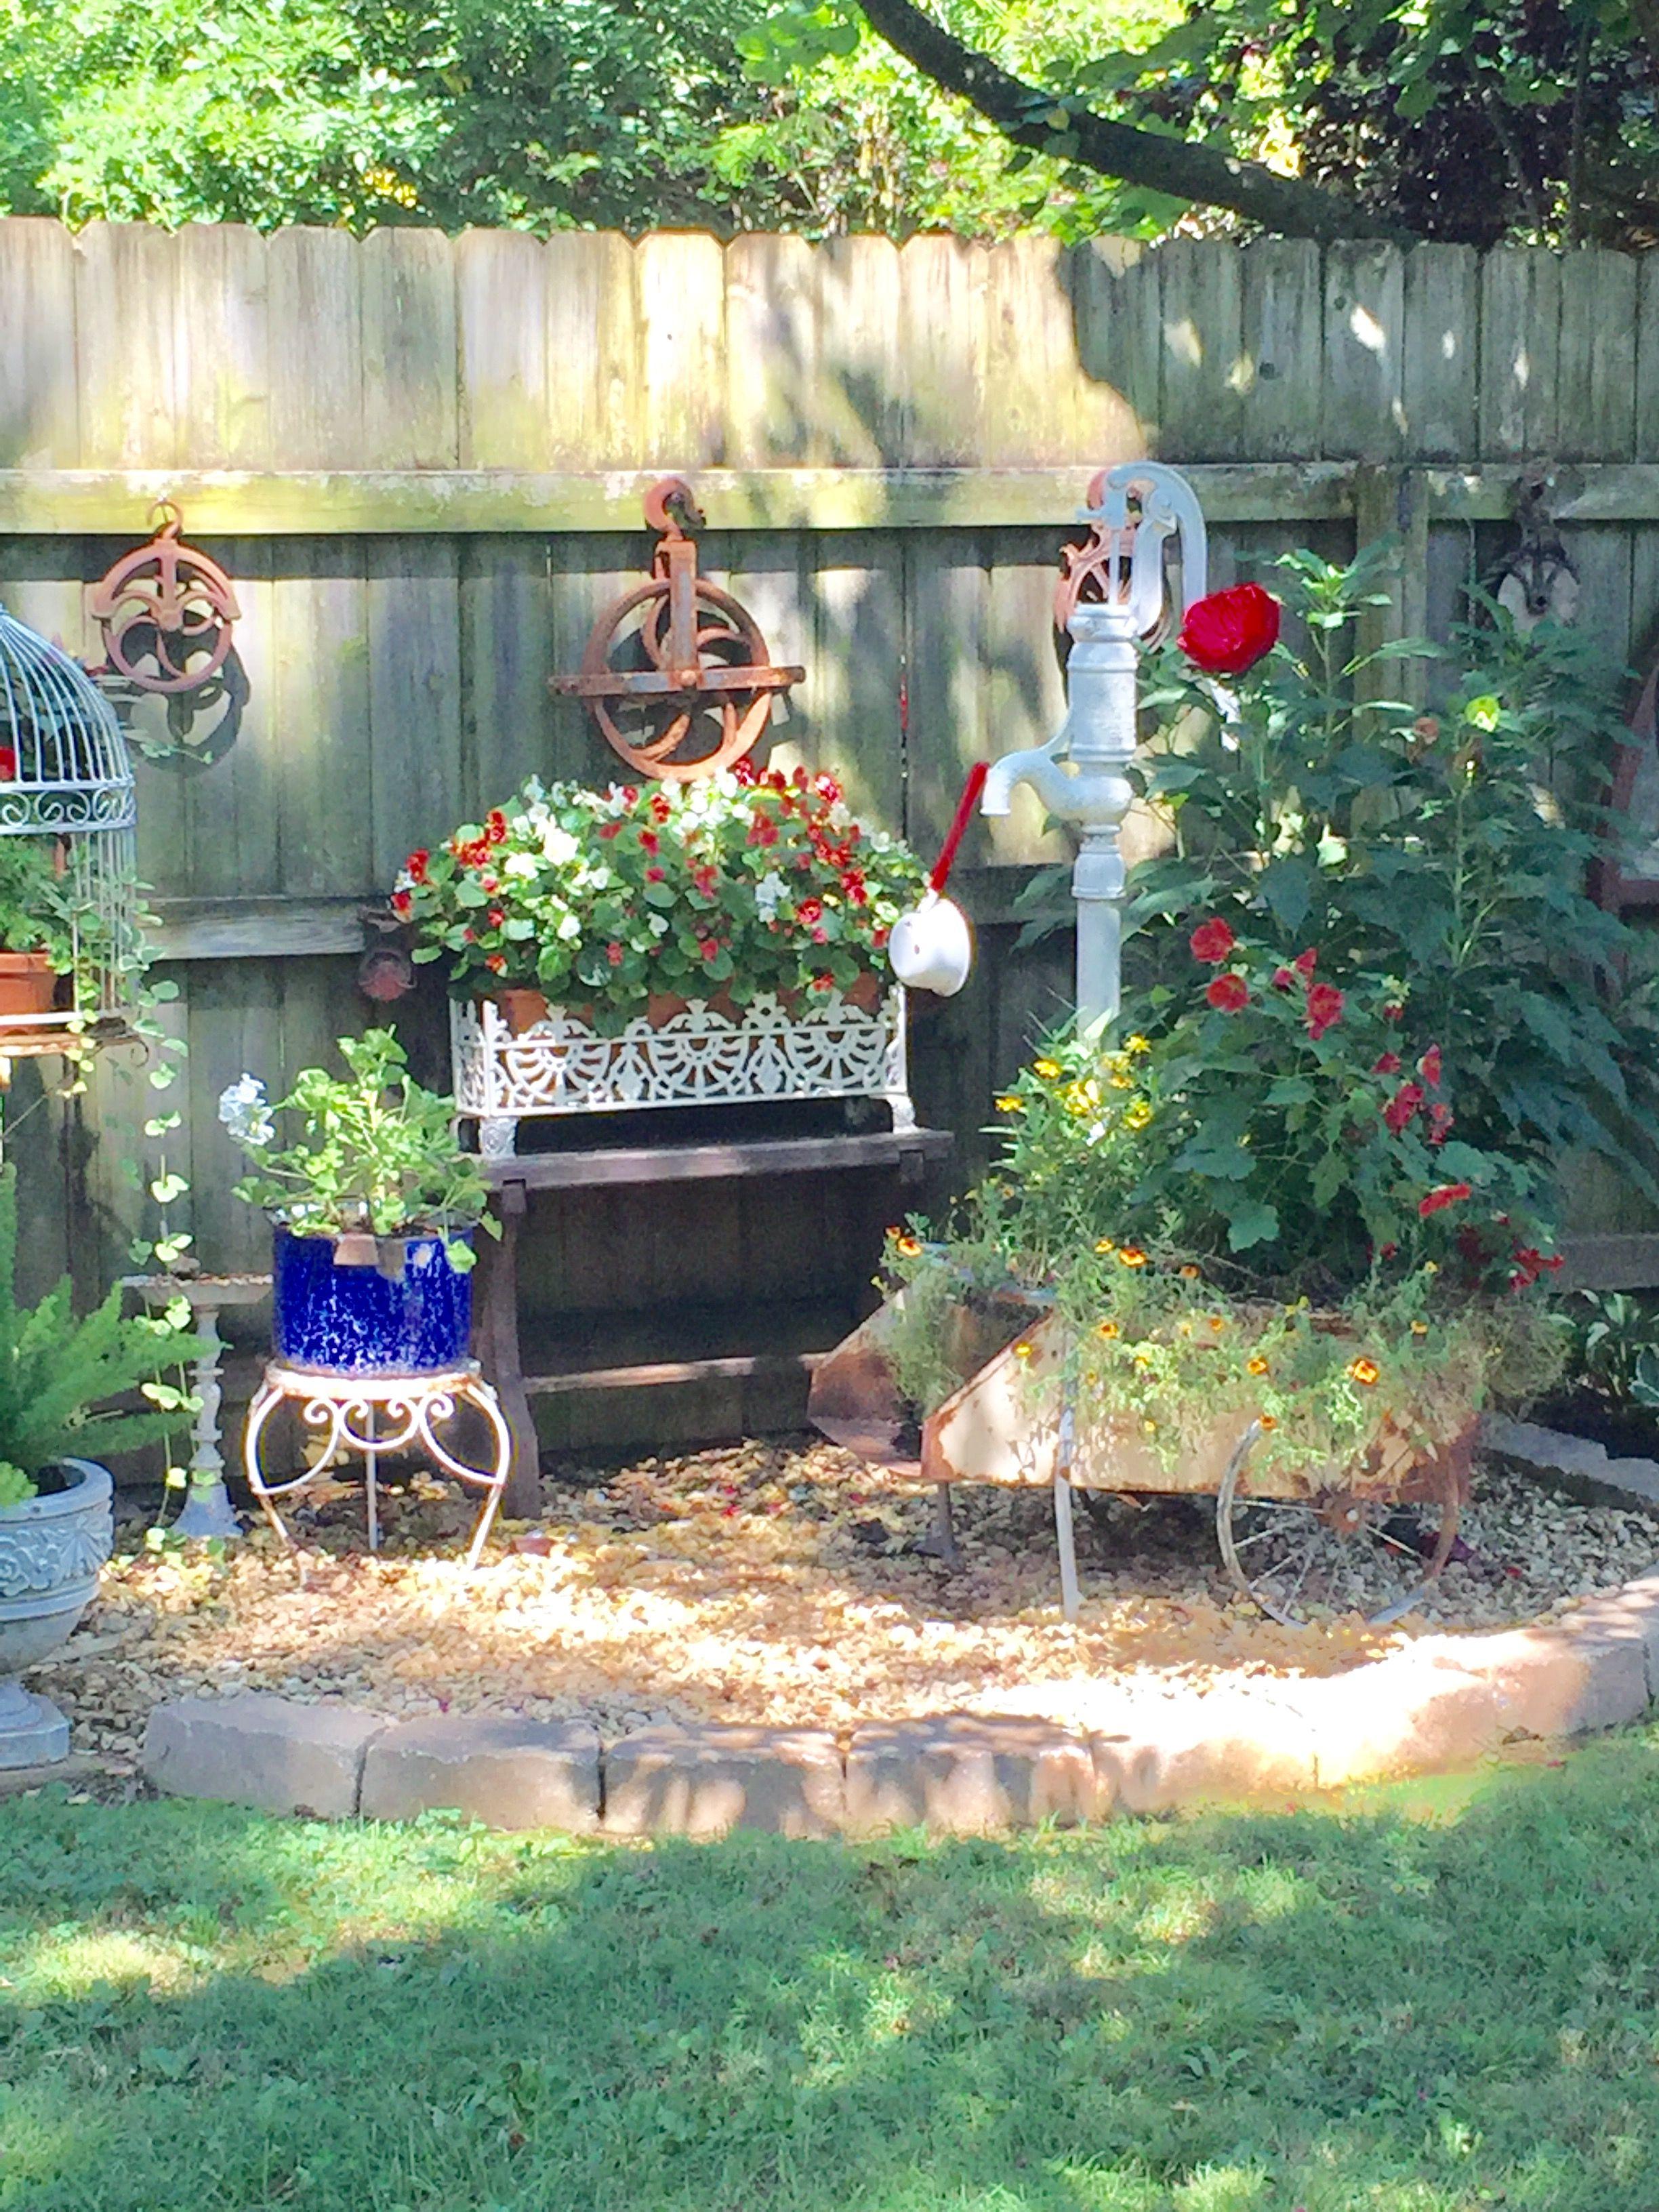 Backyard ideas  Rustic garden decor, Fun garden art, Rustic gardens